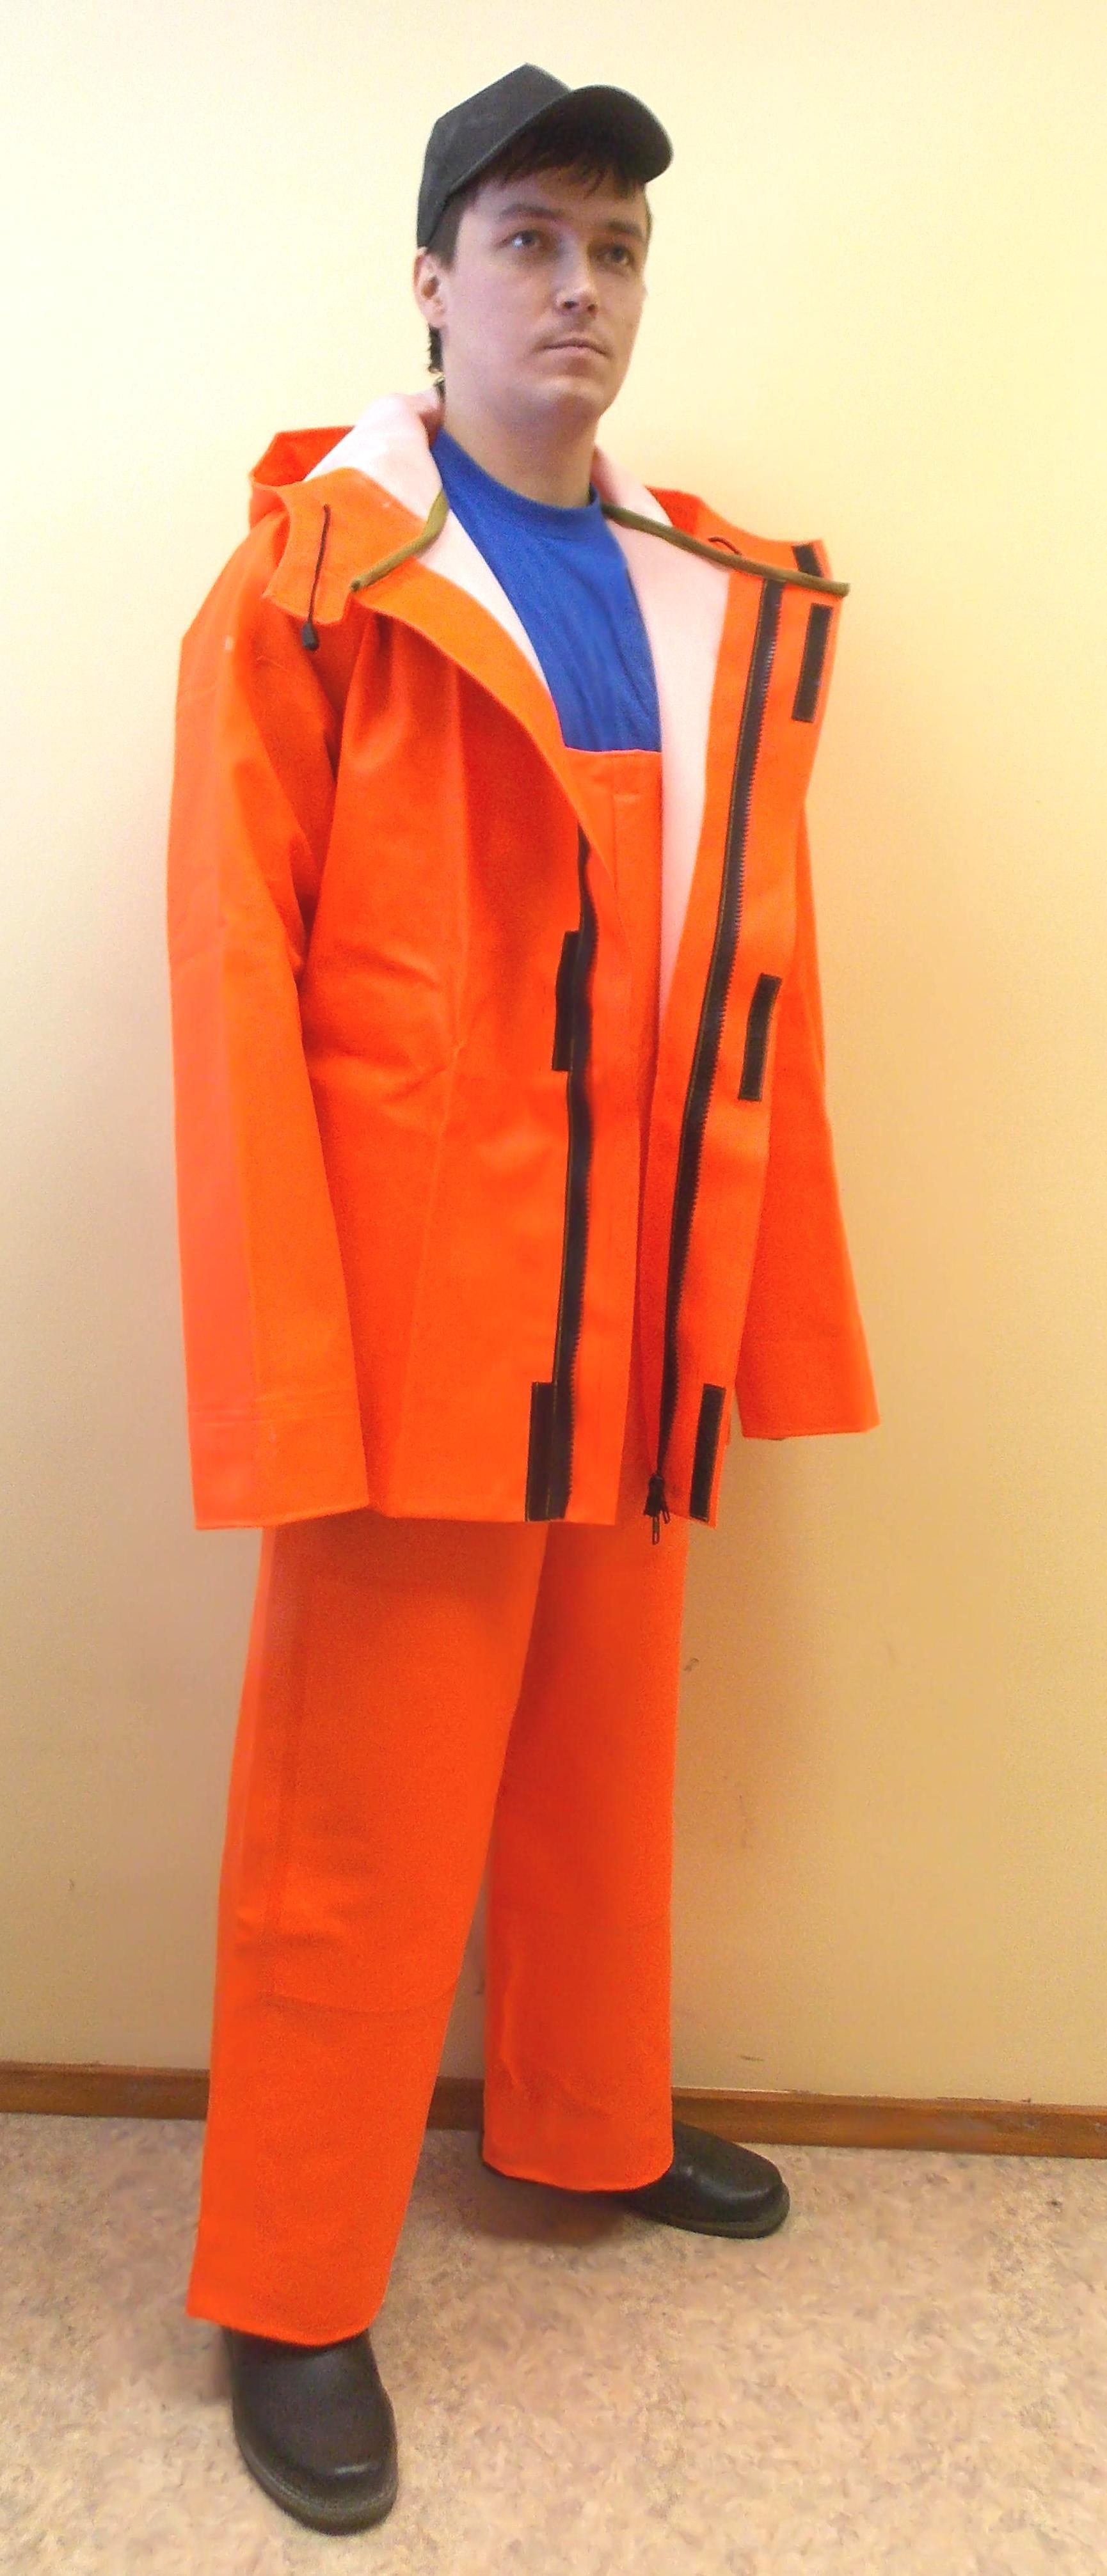 прорезиненные костюмы для рыбаков